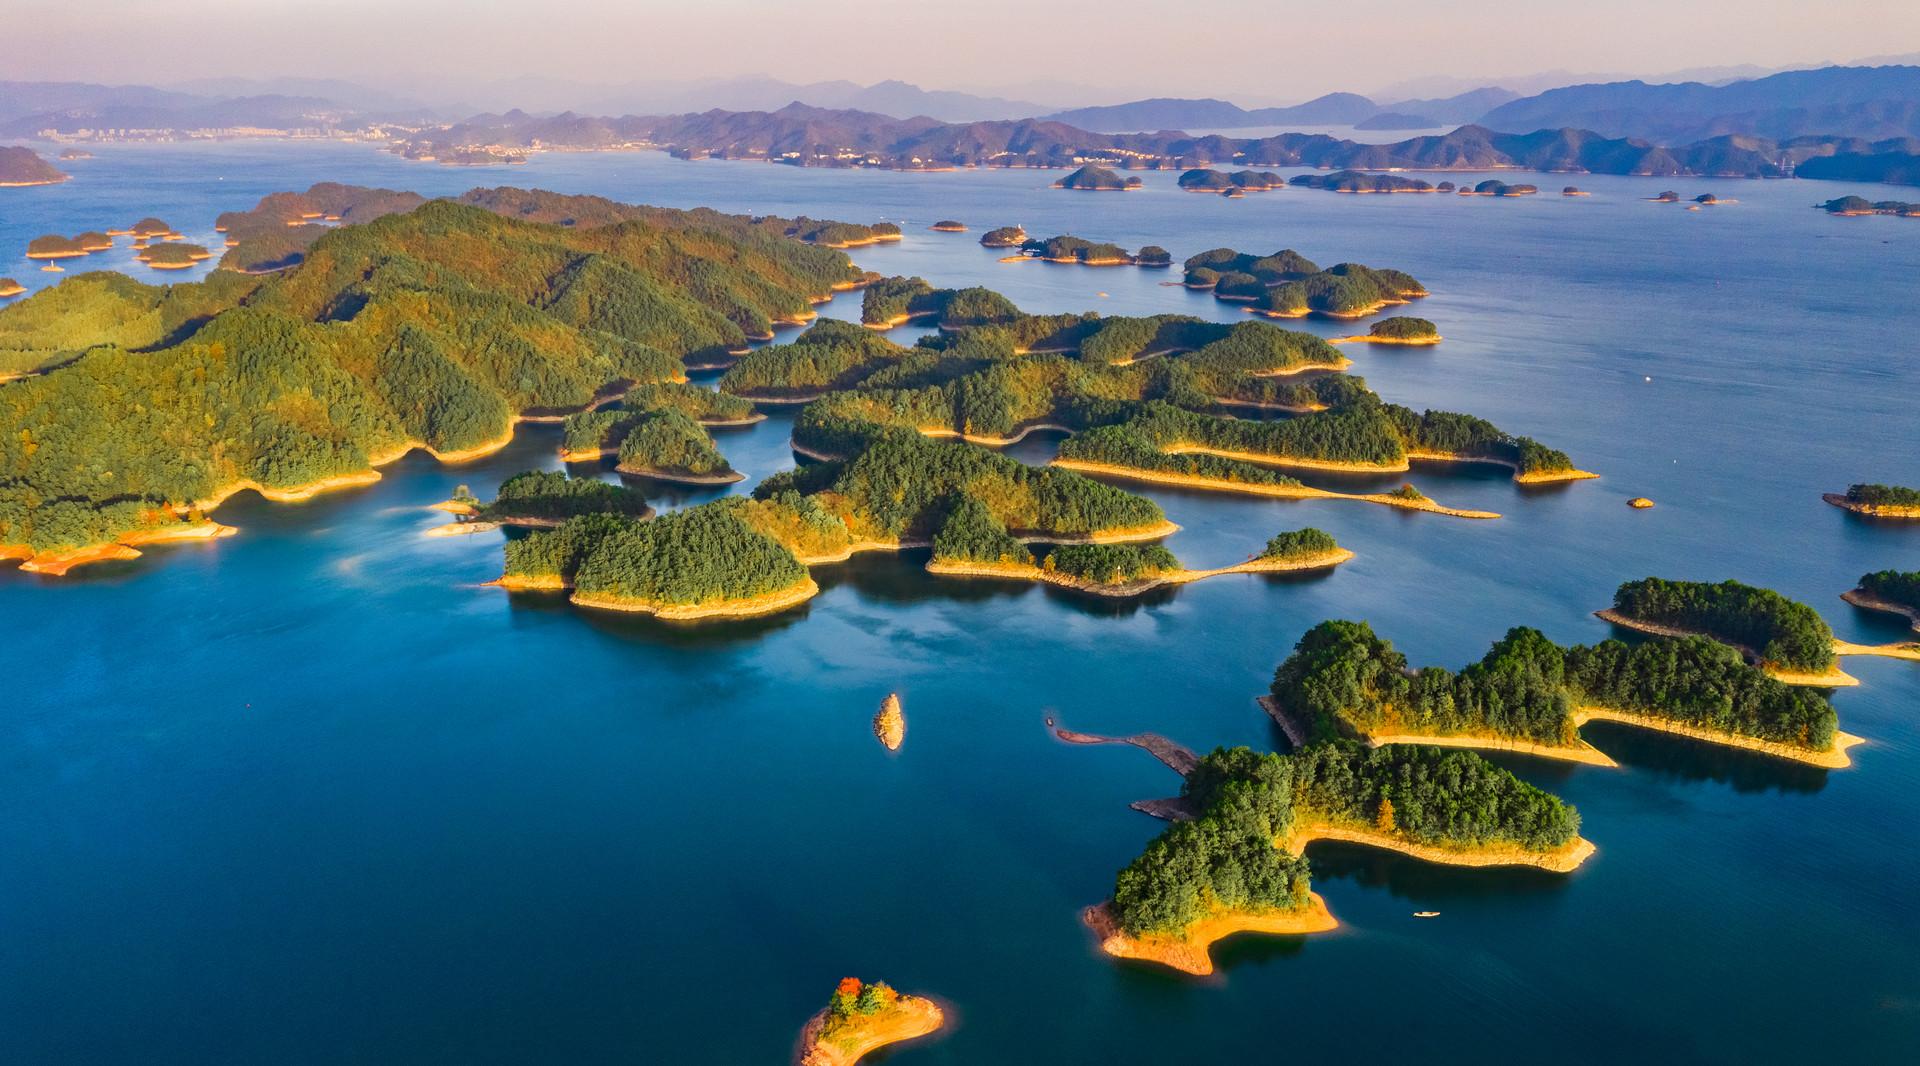 千岛湖封面图